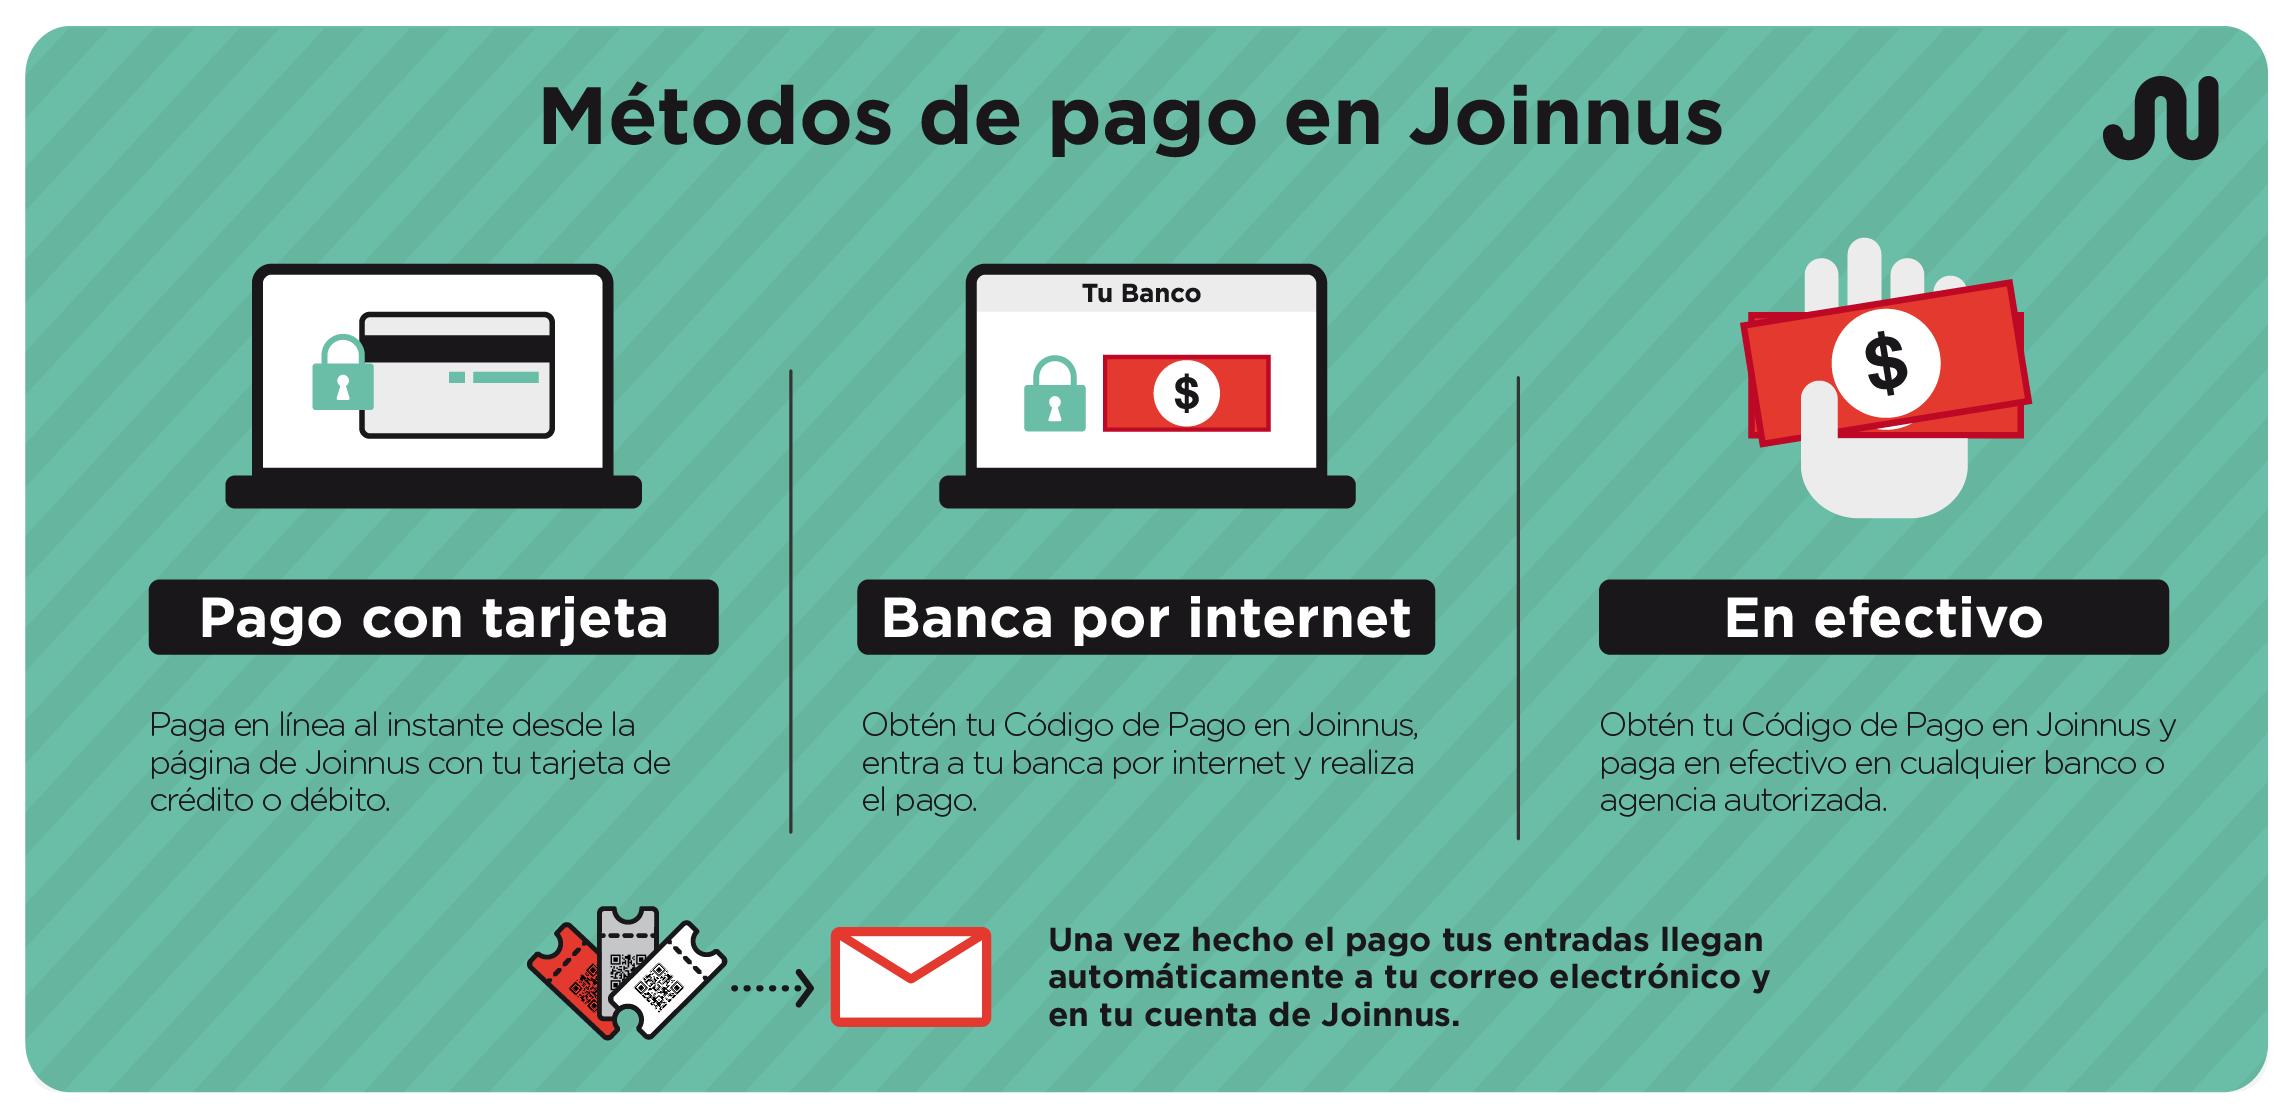 metodos_pago_joinnus